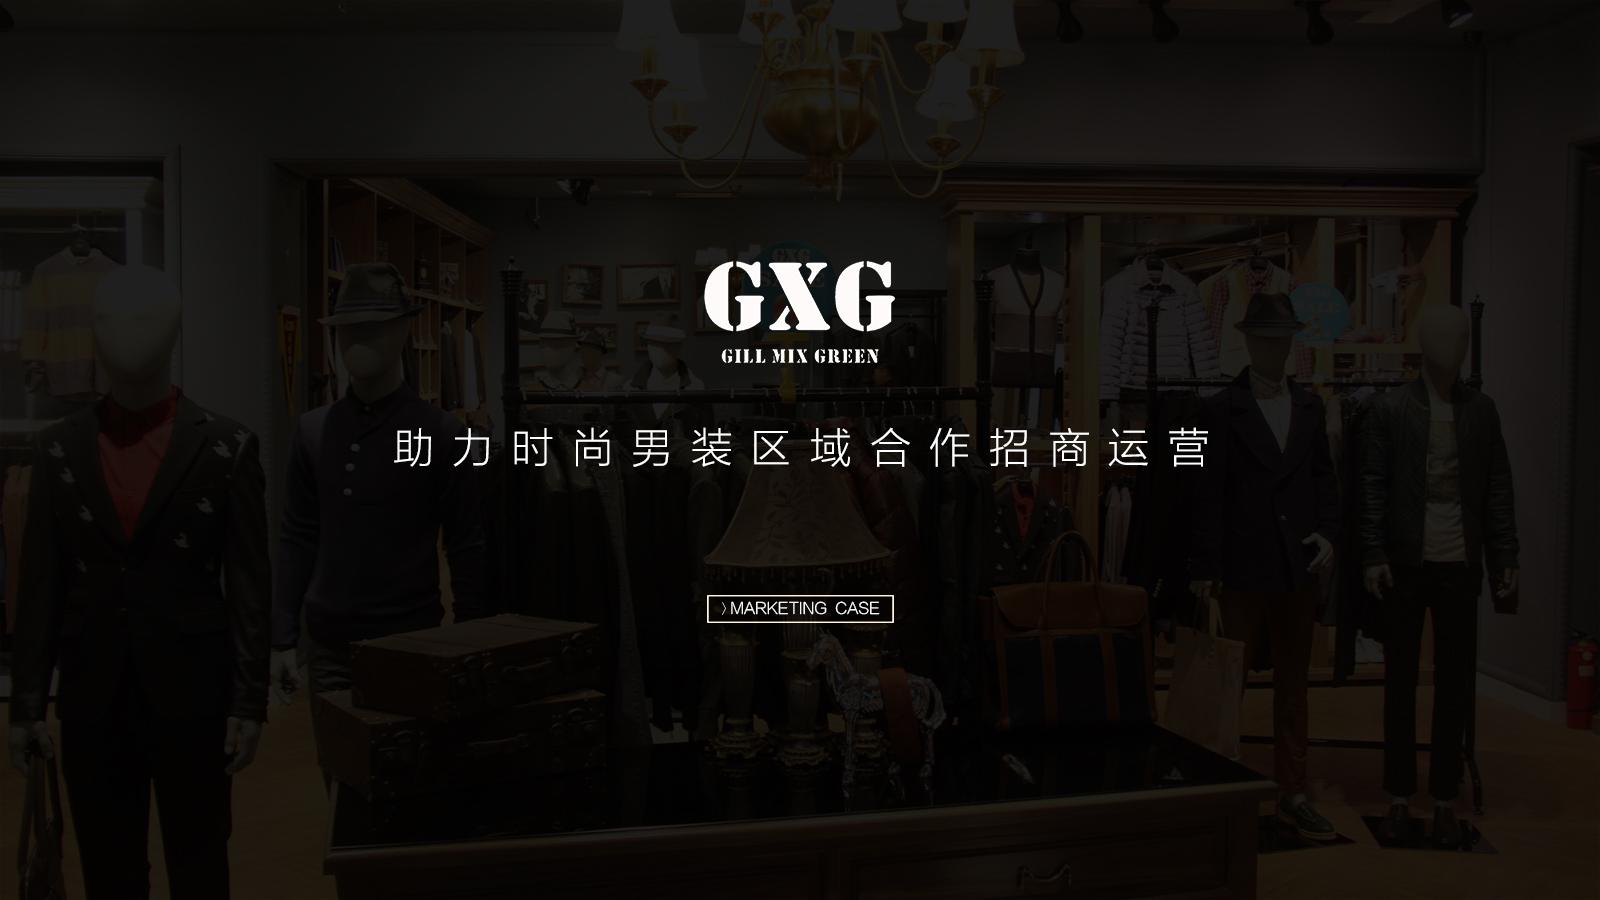 服装品牌会员营销方案策划